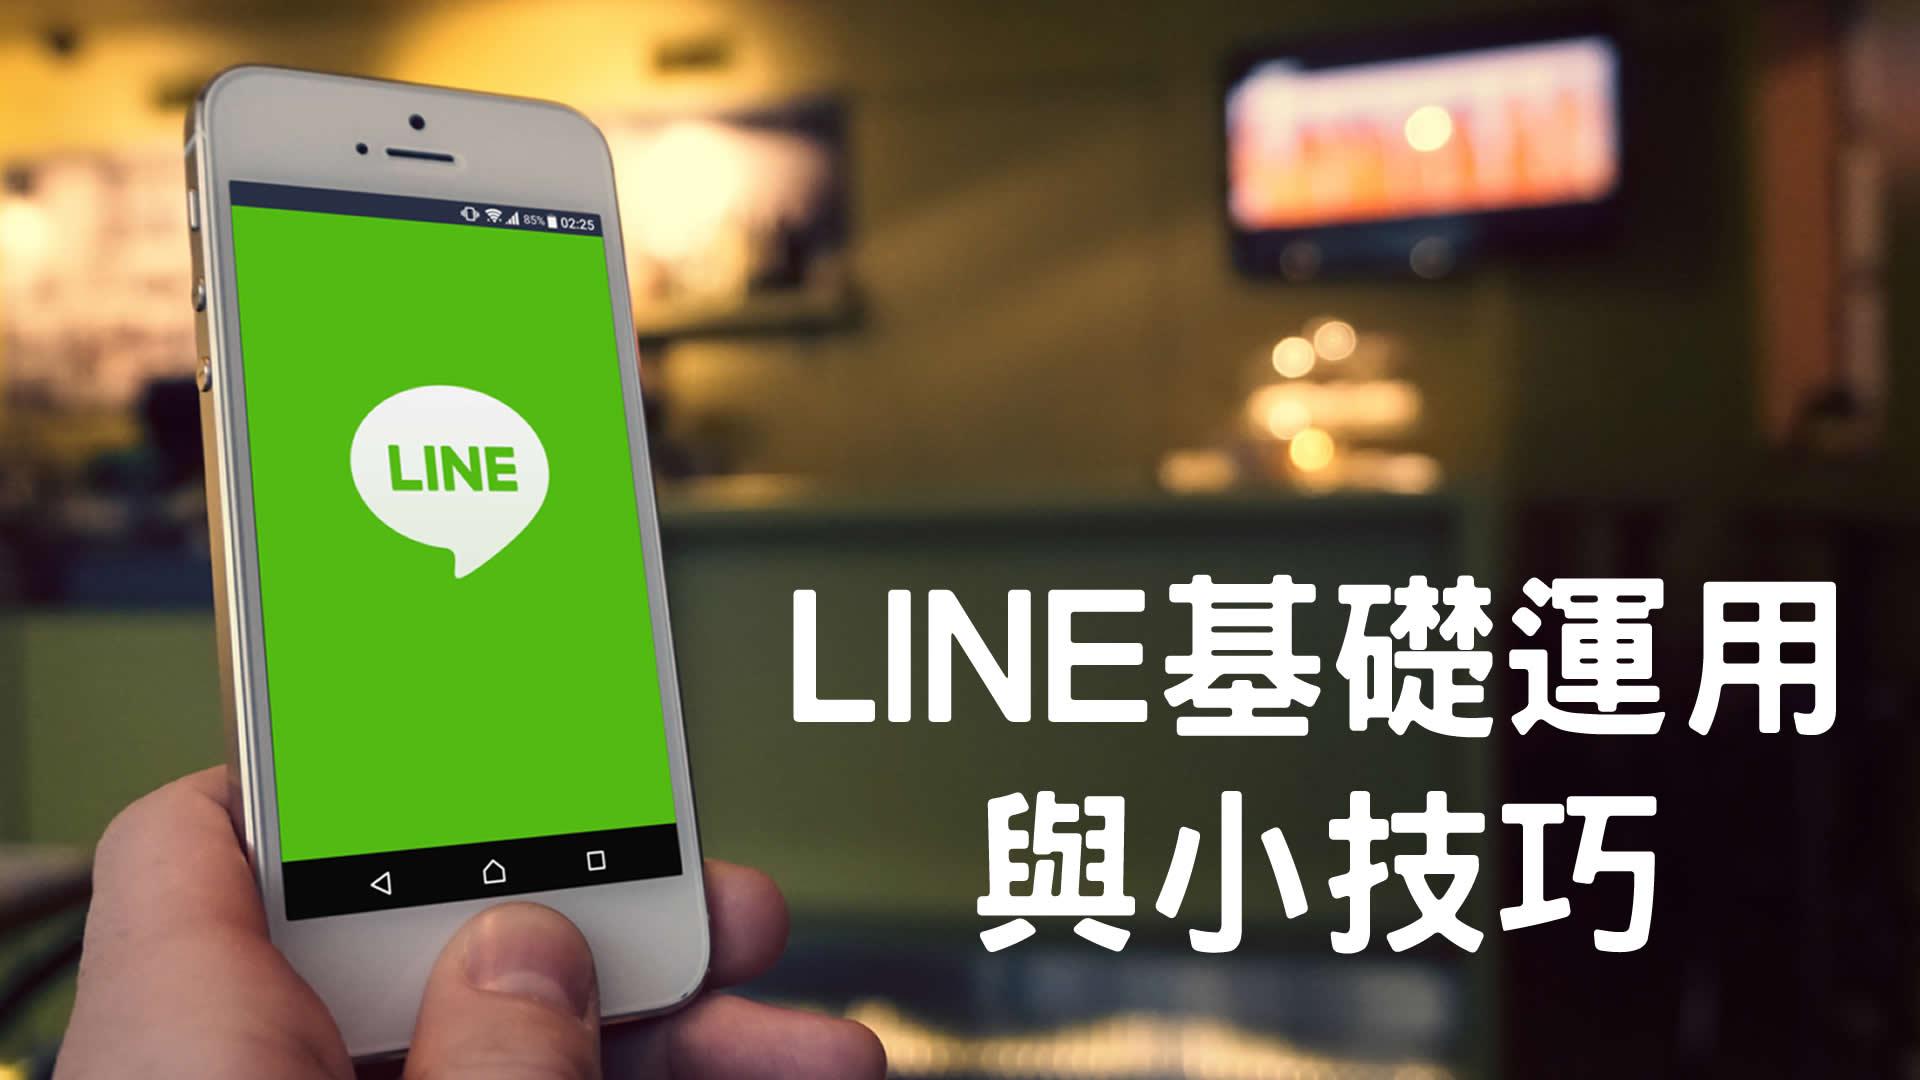 LINE基礎運用與小技巧